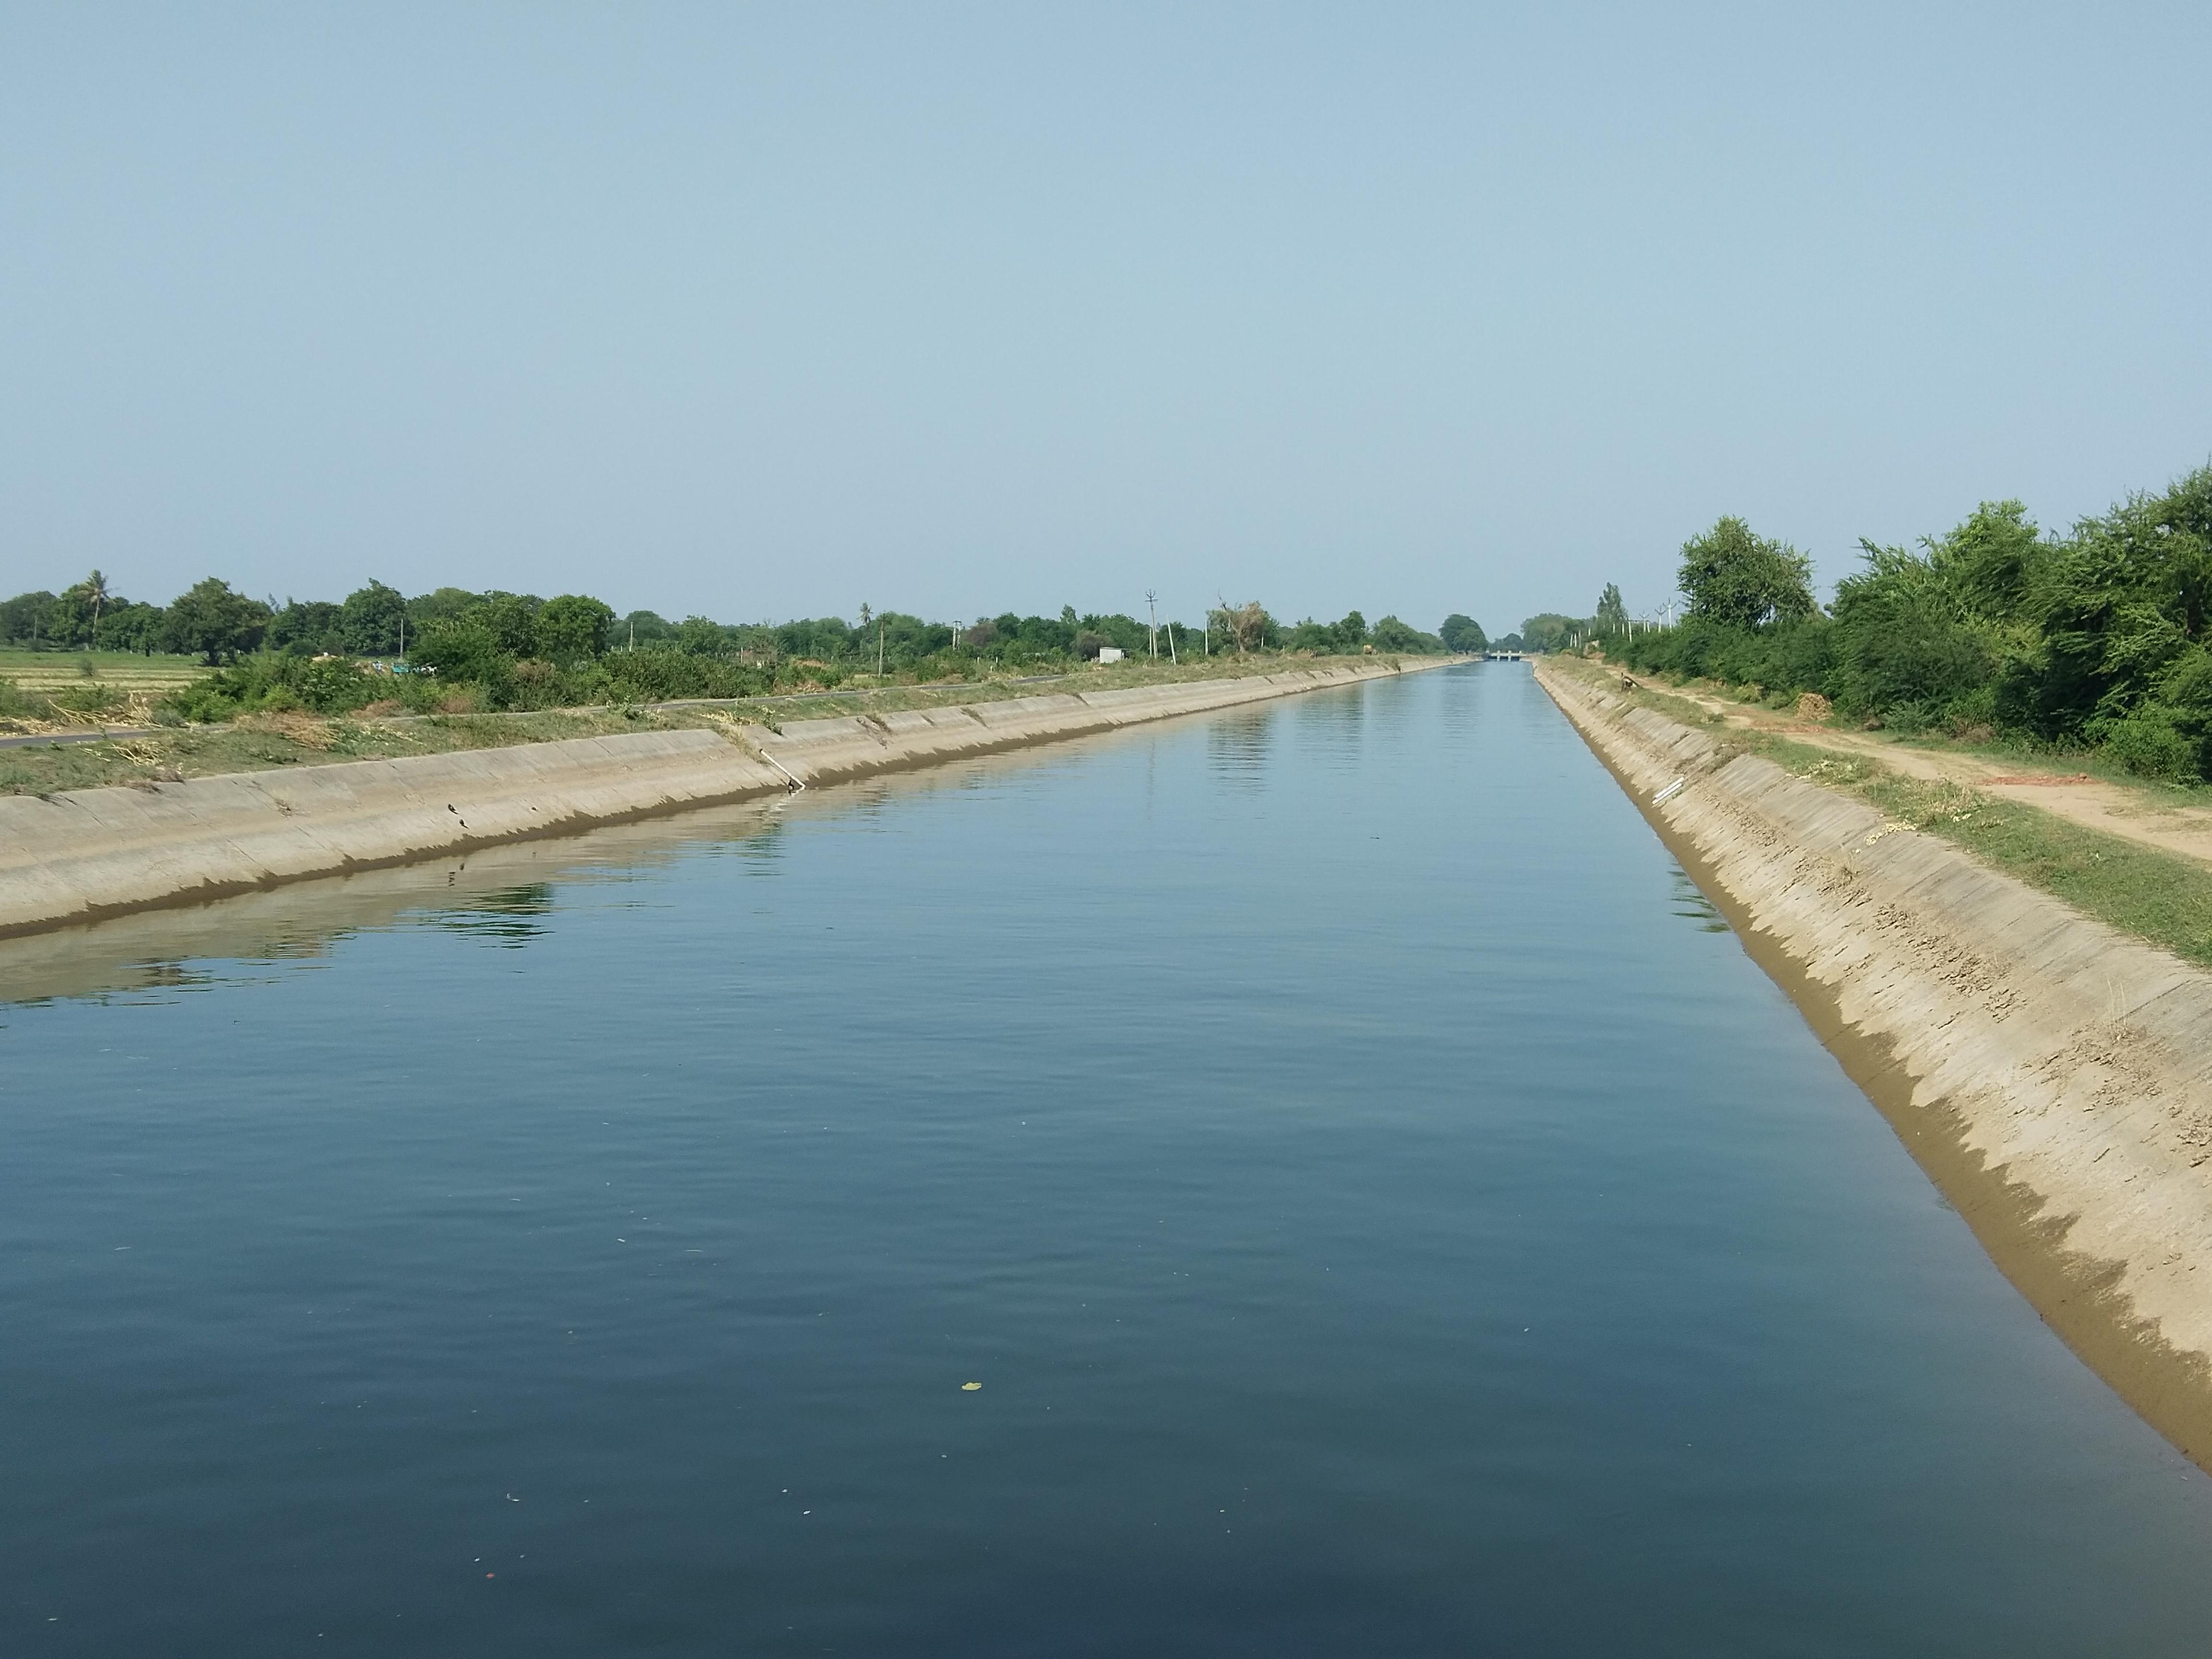 આણંદના ભાલ પંથકના 105 ગામોને દરરોજ આપવામાં આવતાં પાણીનો 10 કરોડ ઉપરનો લોક વેરો બાકી આણંદ,Anand - Divya Bhaskar